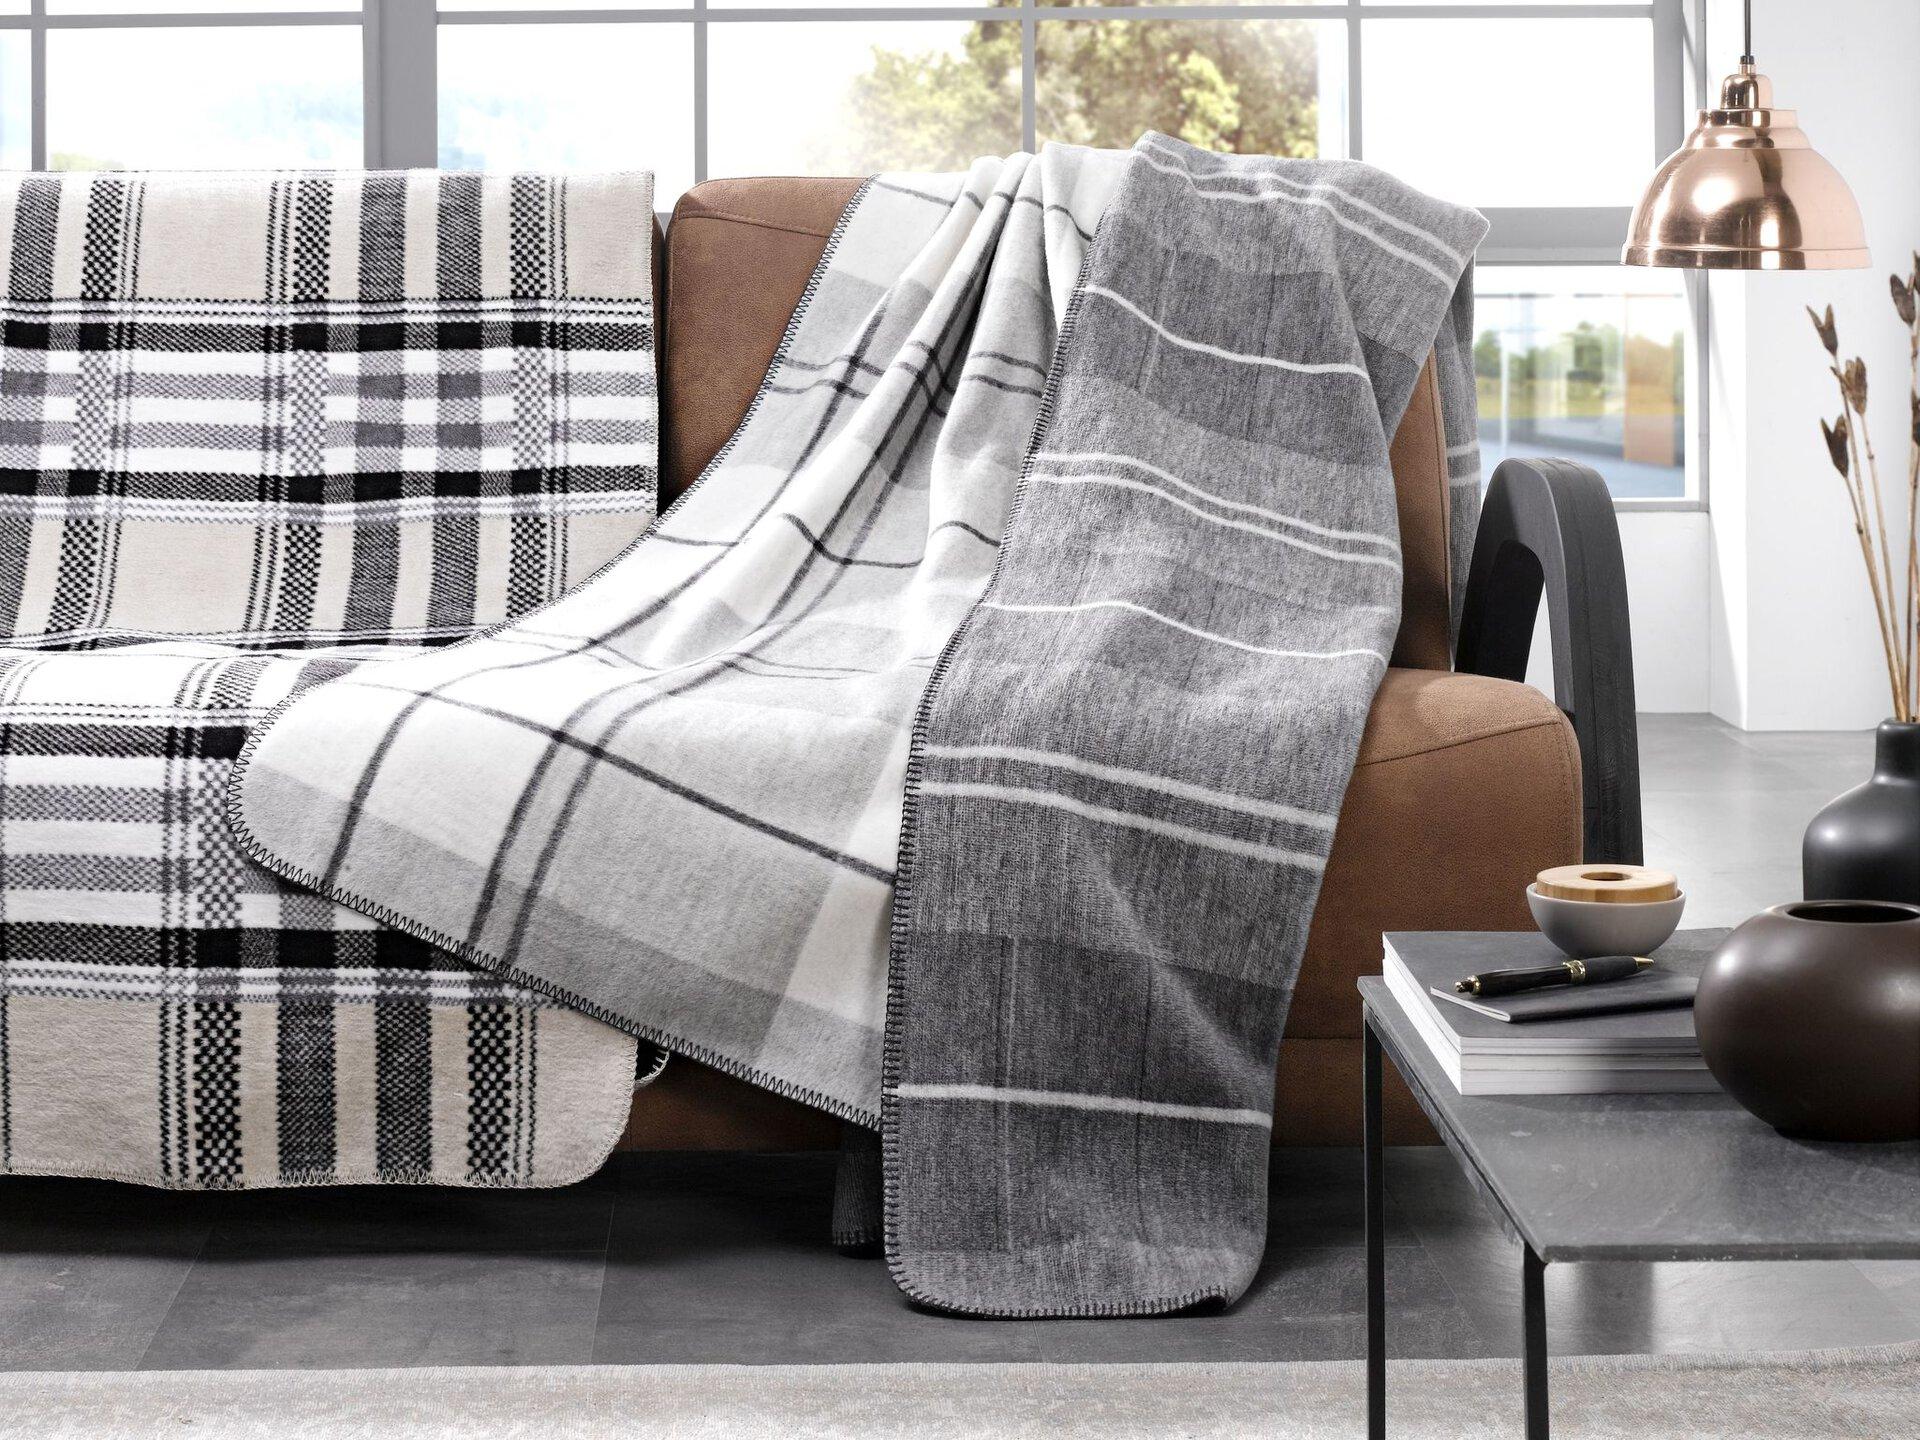 Wohndecke Dublin Casa Nova Textil grau 150 x 200 cm